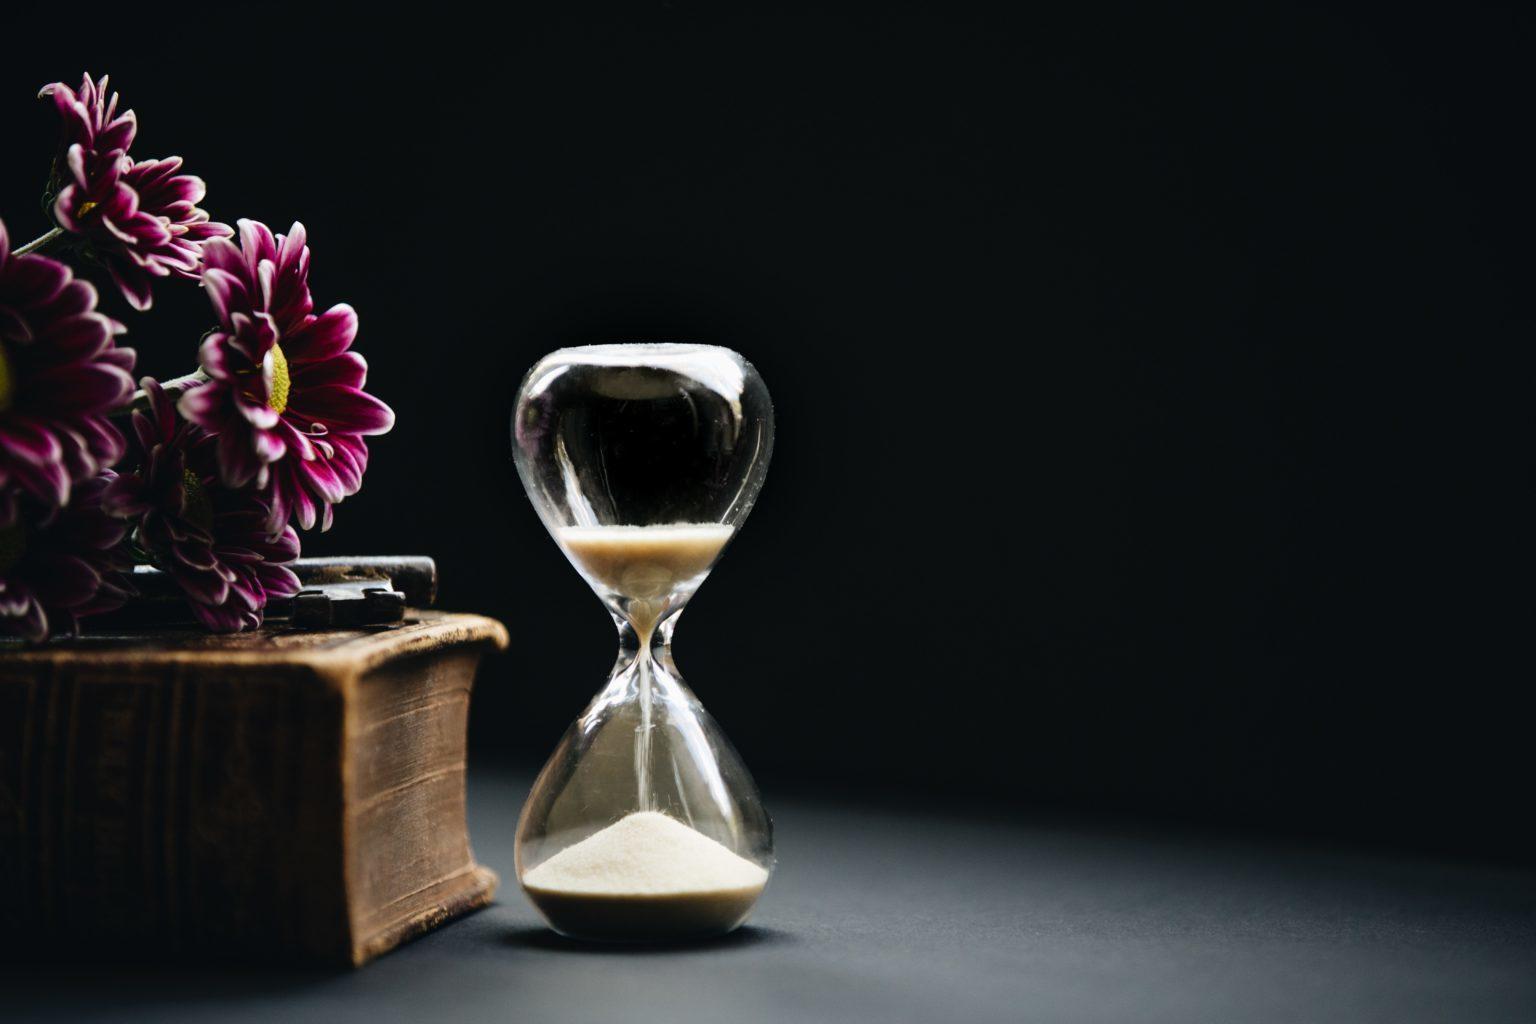 疫情帶來在家上班潮,遠距工作怕自己太混?四個提高工作生產力的時間管理技巧!